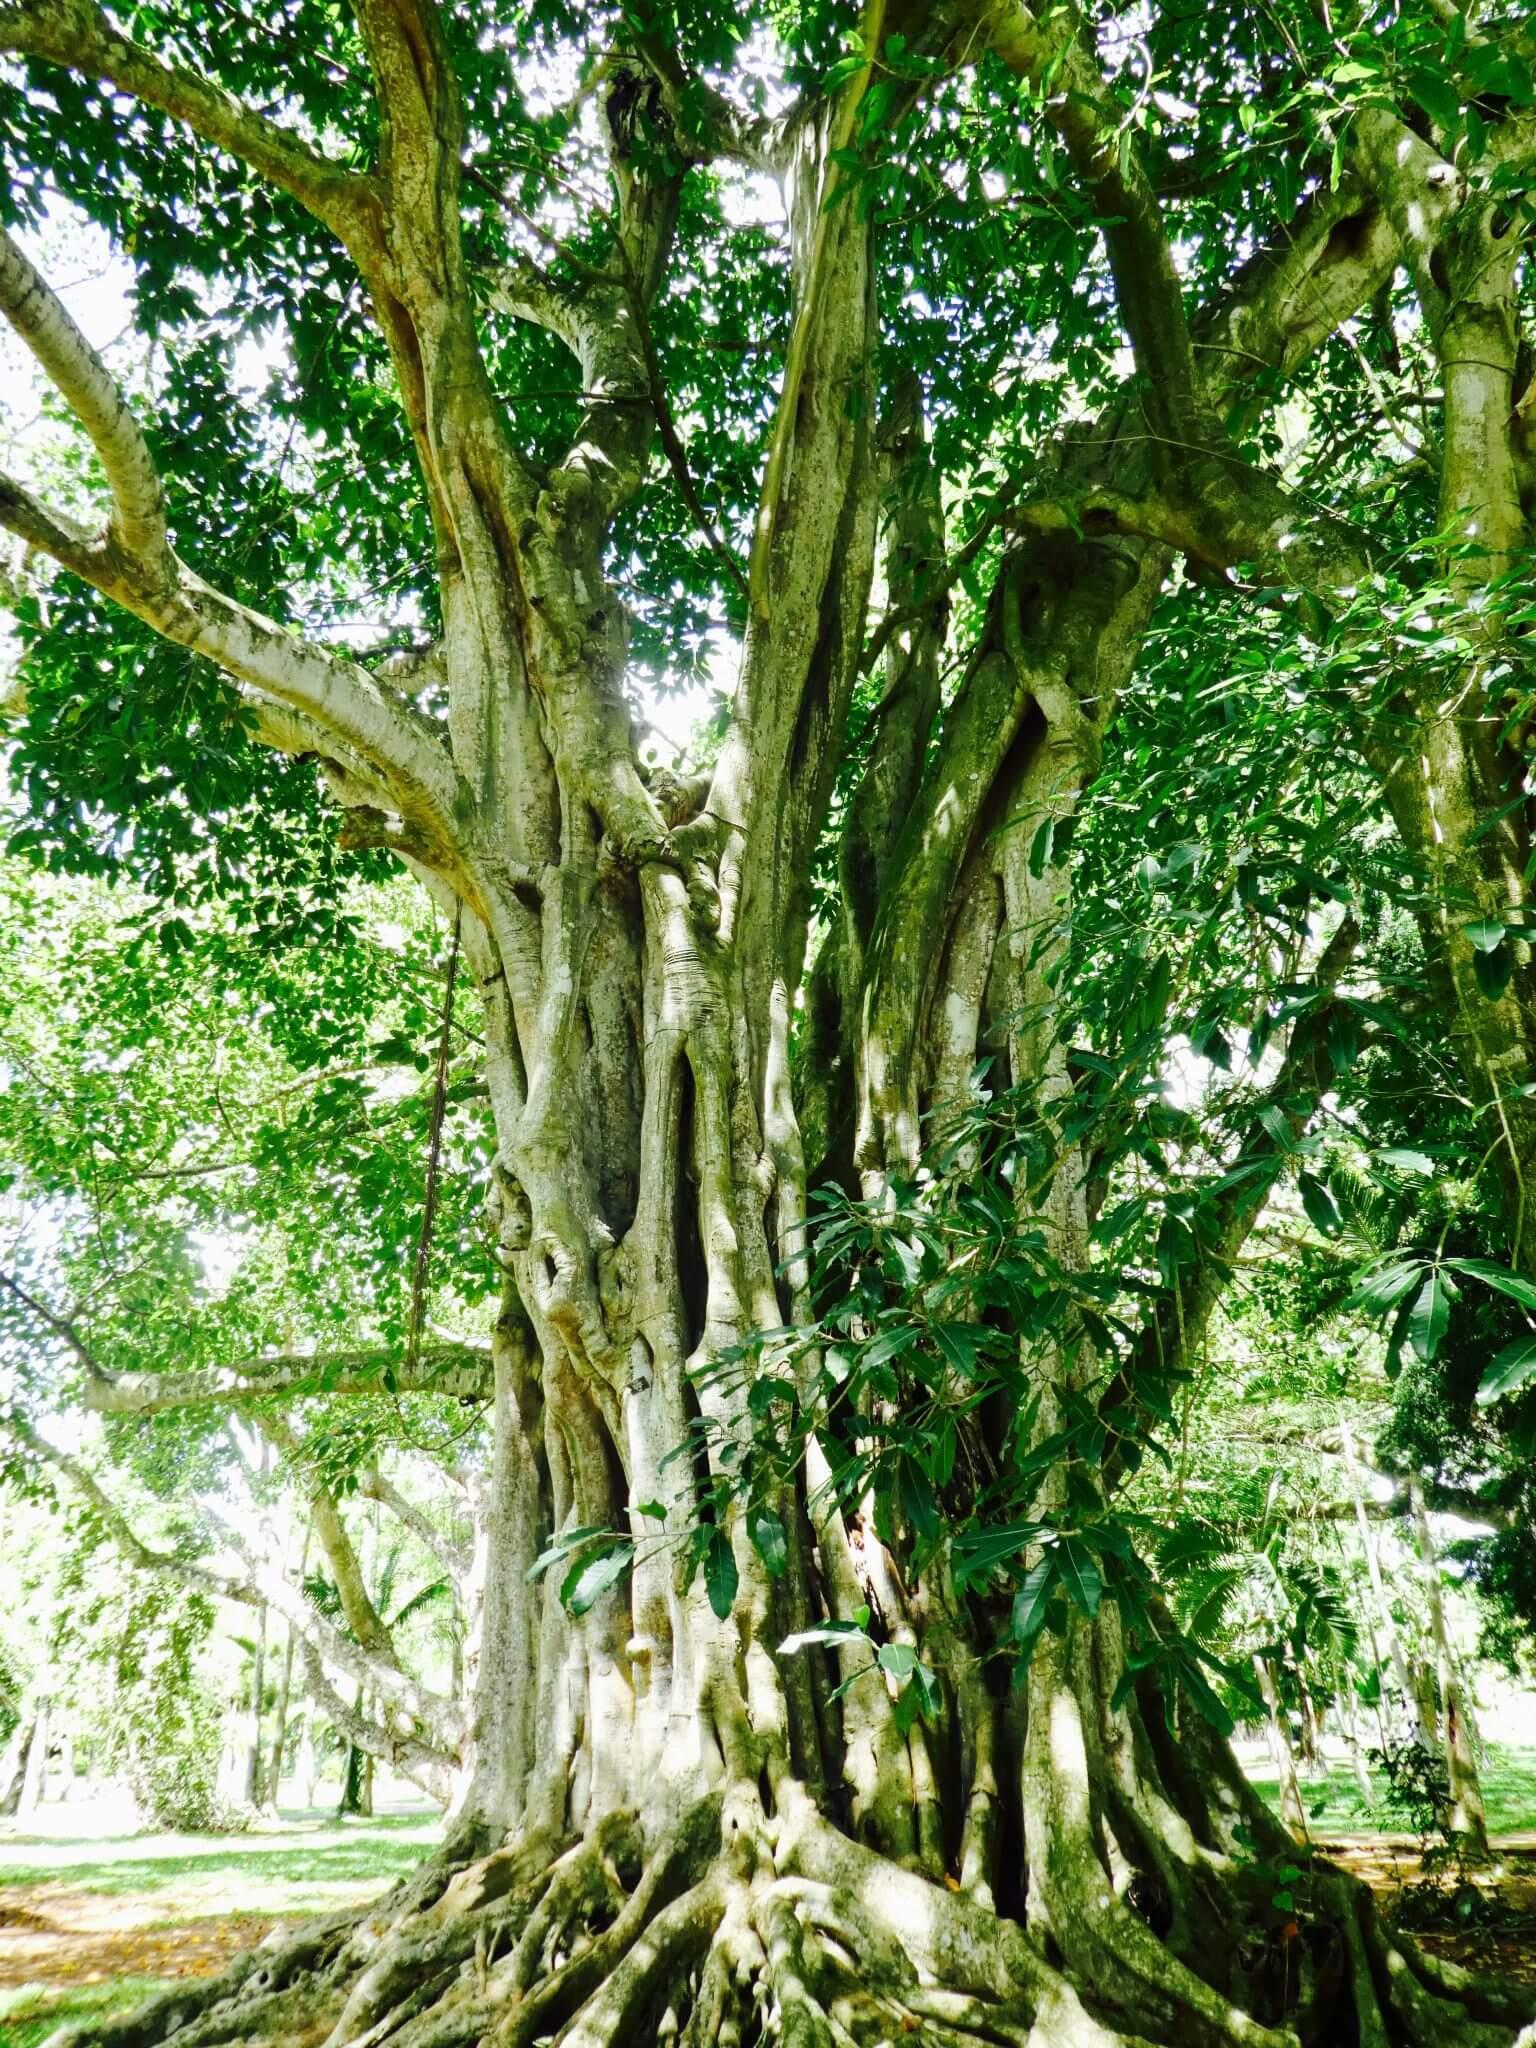 aller voir le jardin de pamplemousses à l'ile maurice